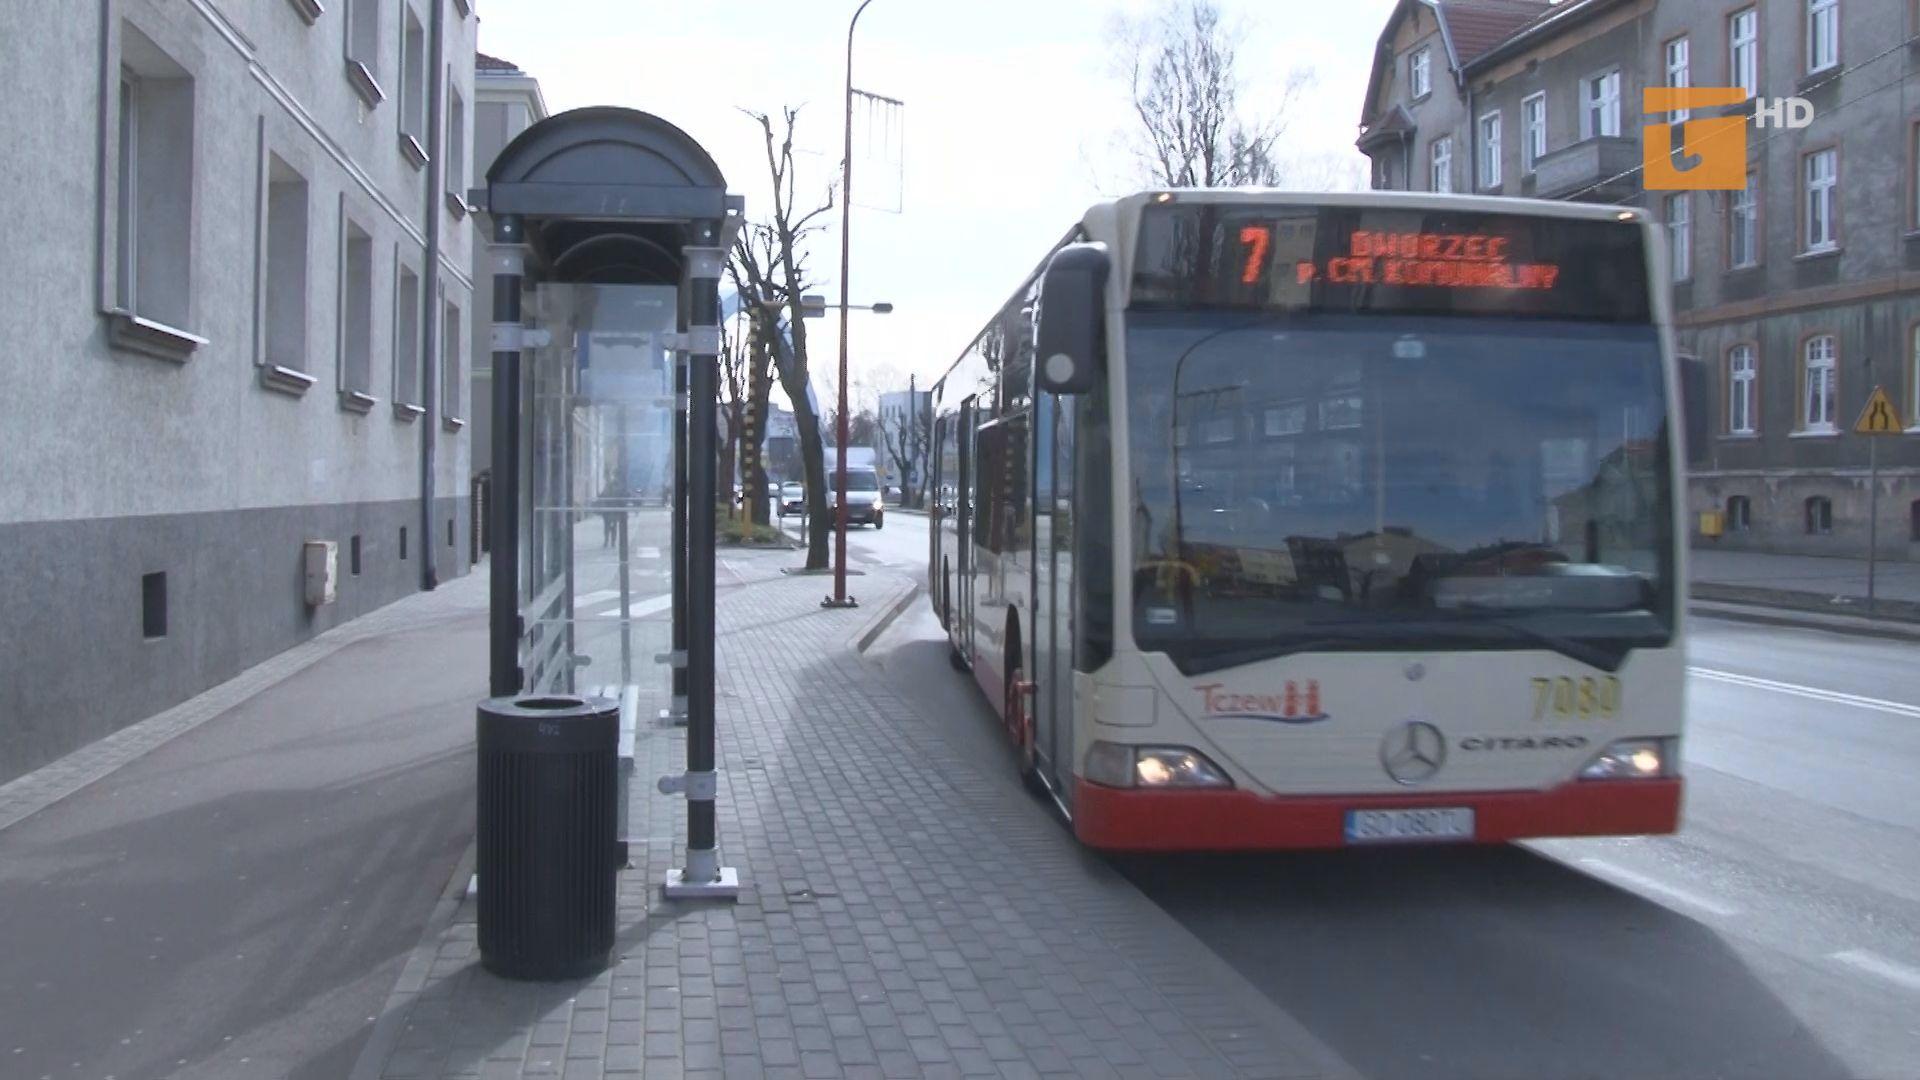 Od kilku dni pasażerowie komunikacji miejskiej nie mają dostępu do kierowcy a tym samym zakup biletów w autobusie jest niemożliwy